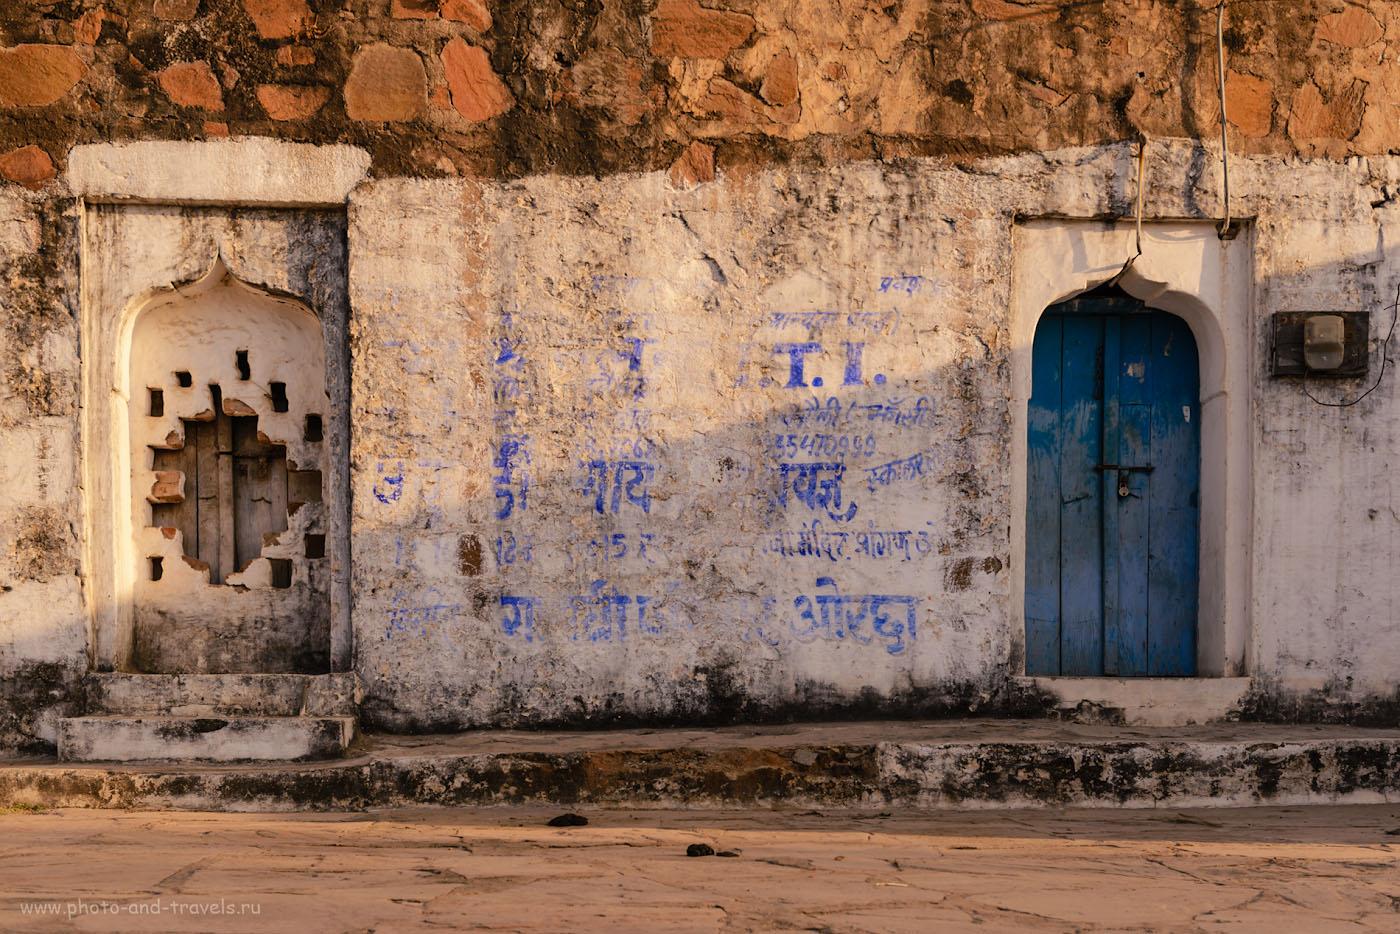 Фотография 7. Прогулка по Орчхе. Почувствуй настоящую Индию. 1/200, 7.1, 100, 44.